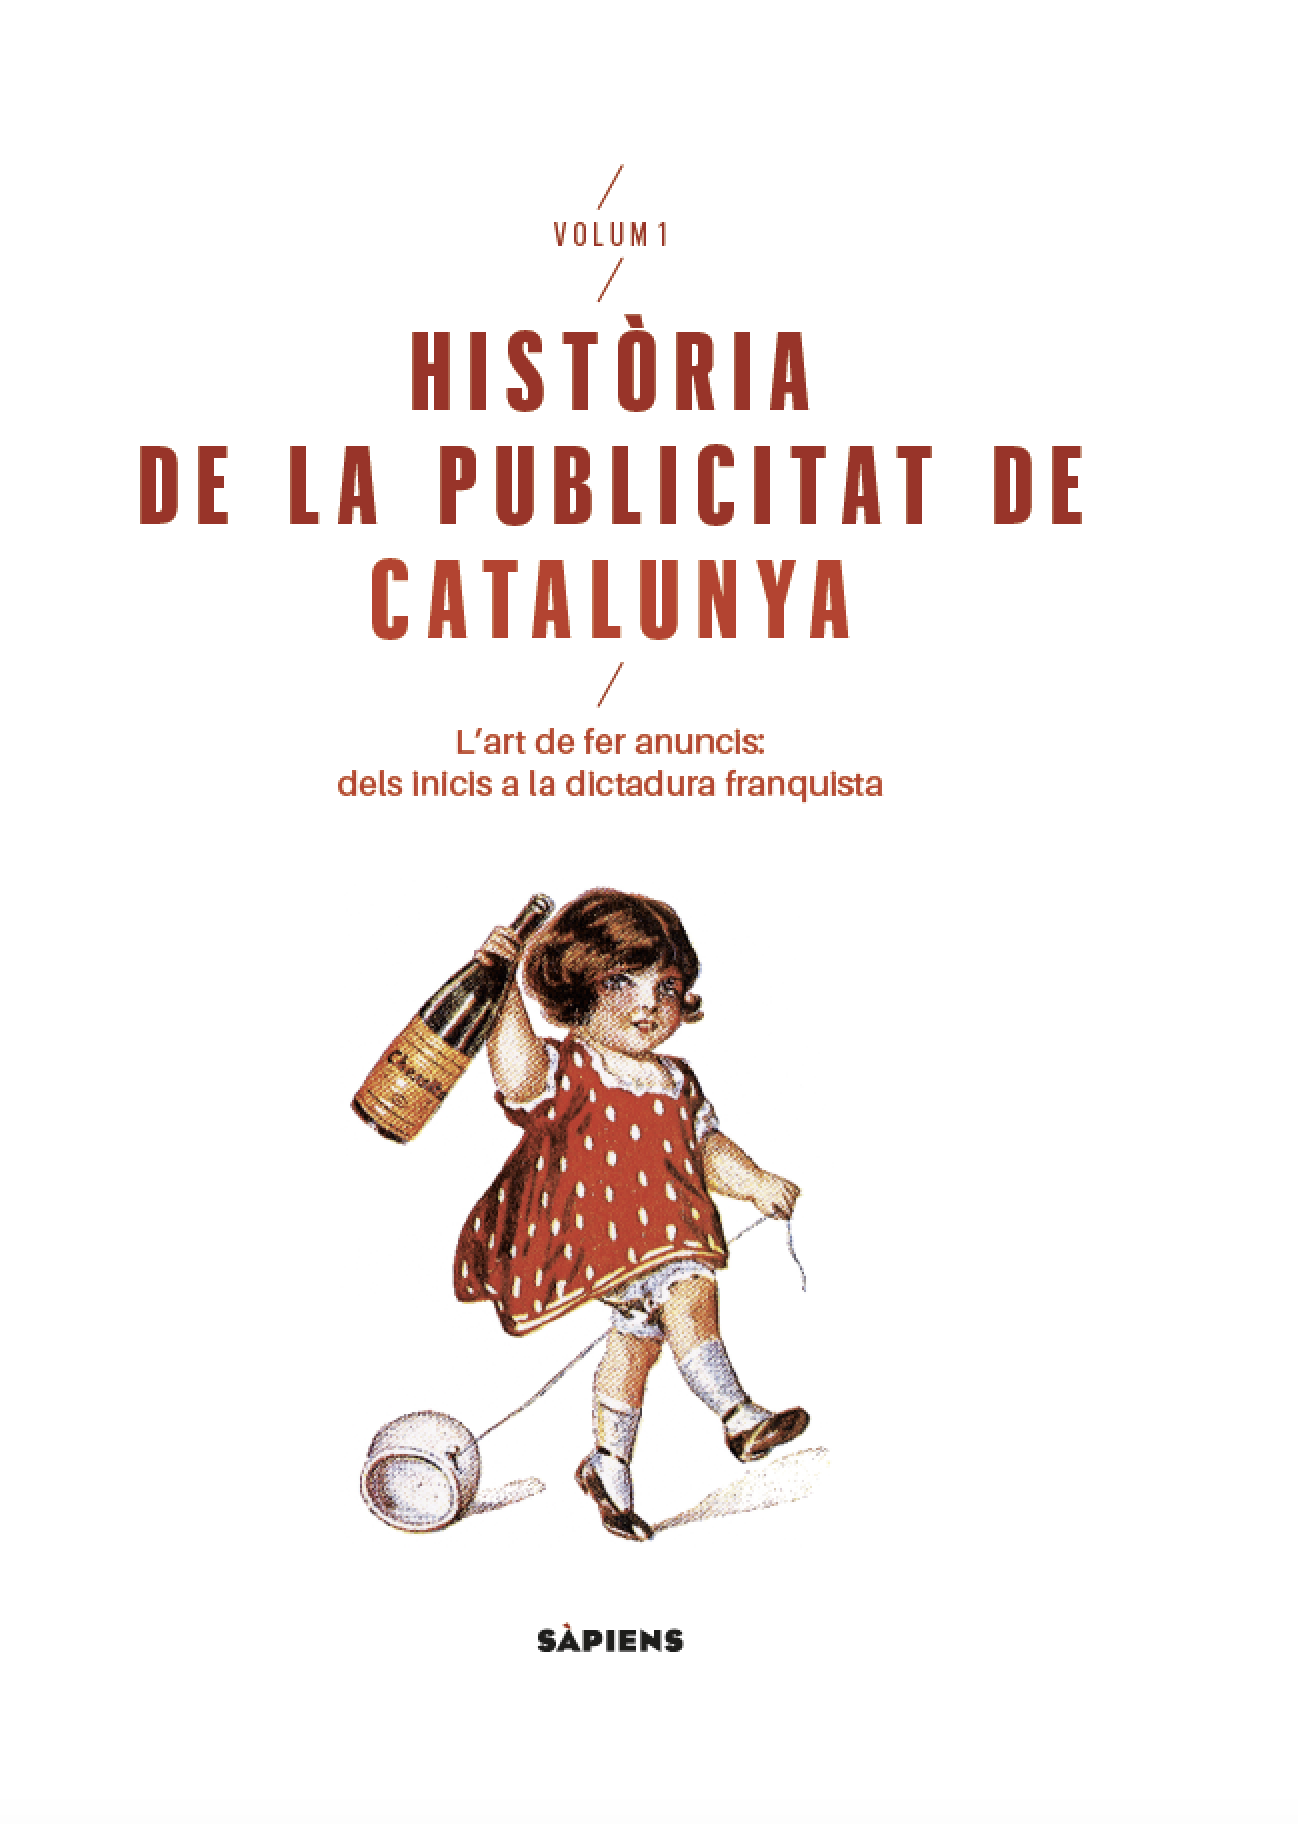 Història de la publicitat de Catalunya (2 volums)